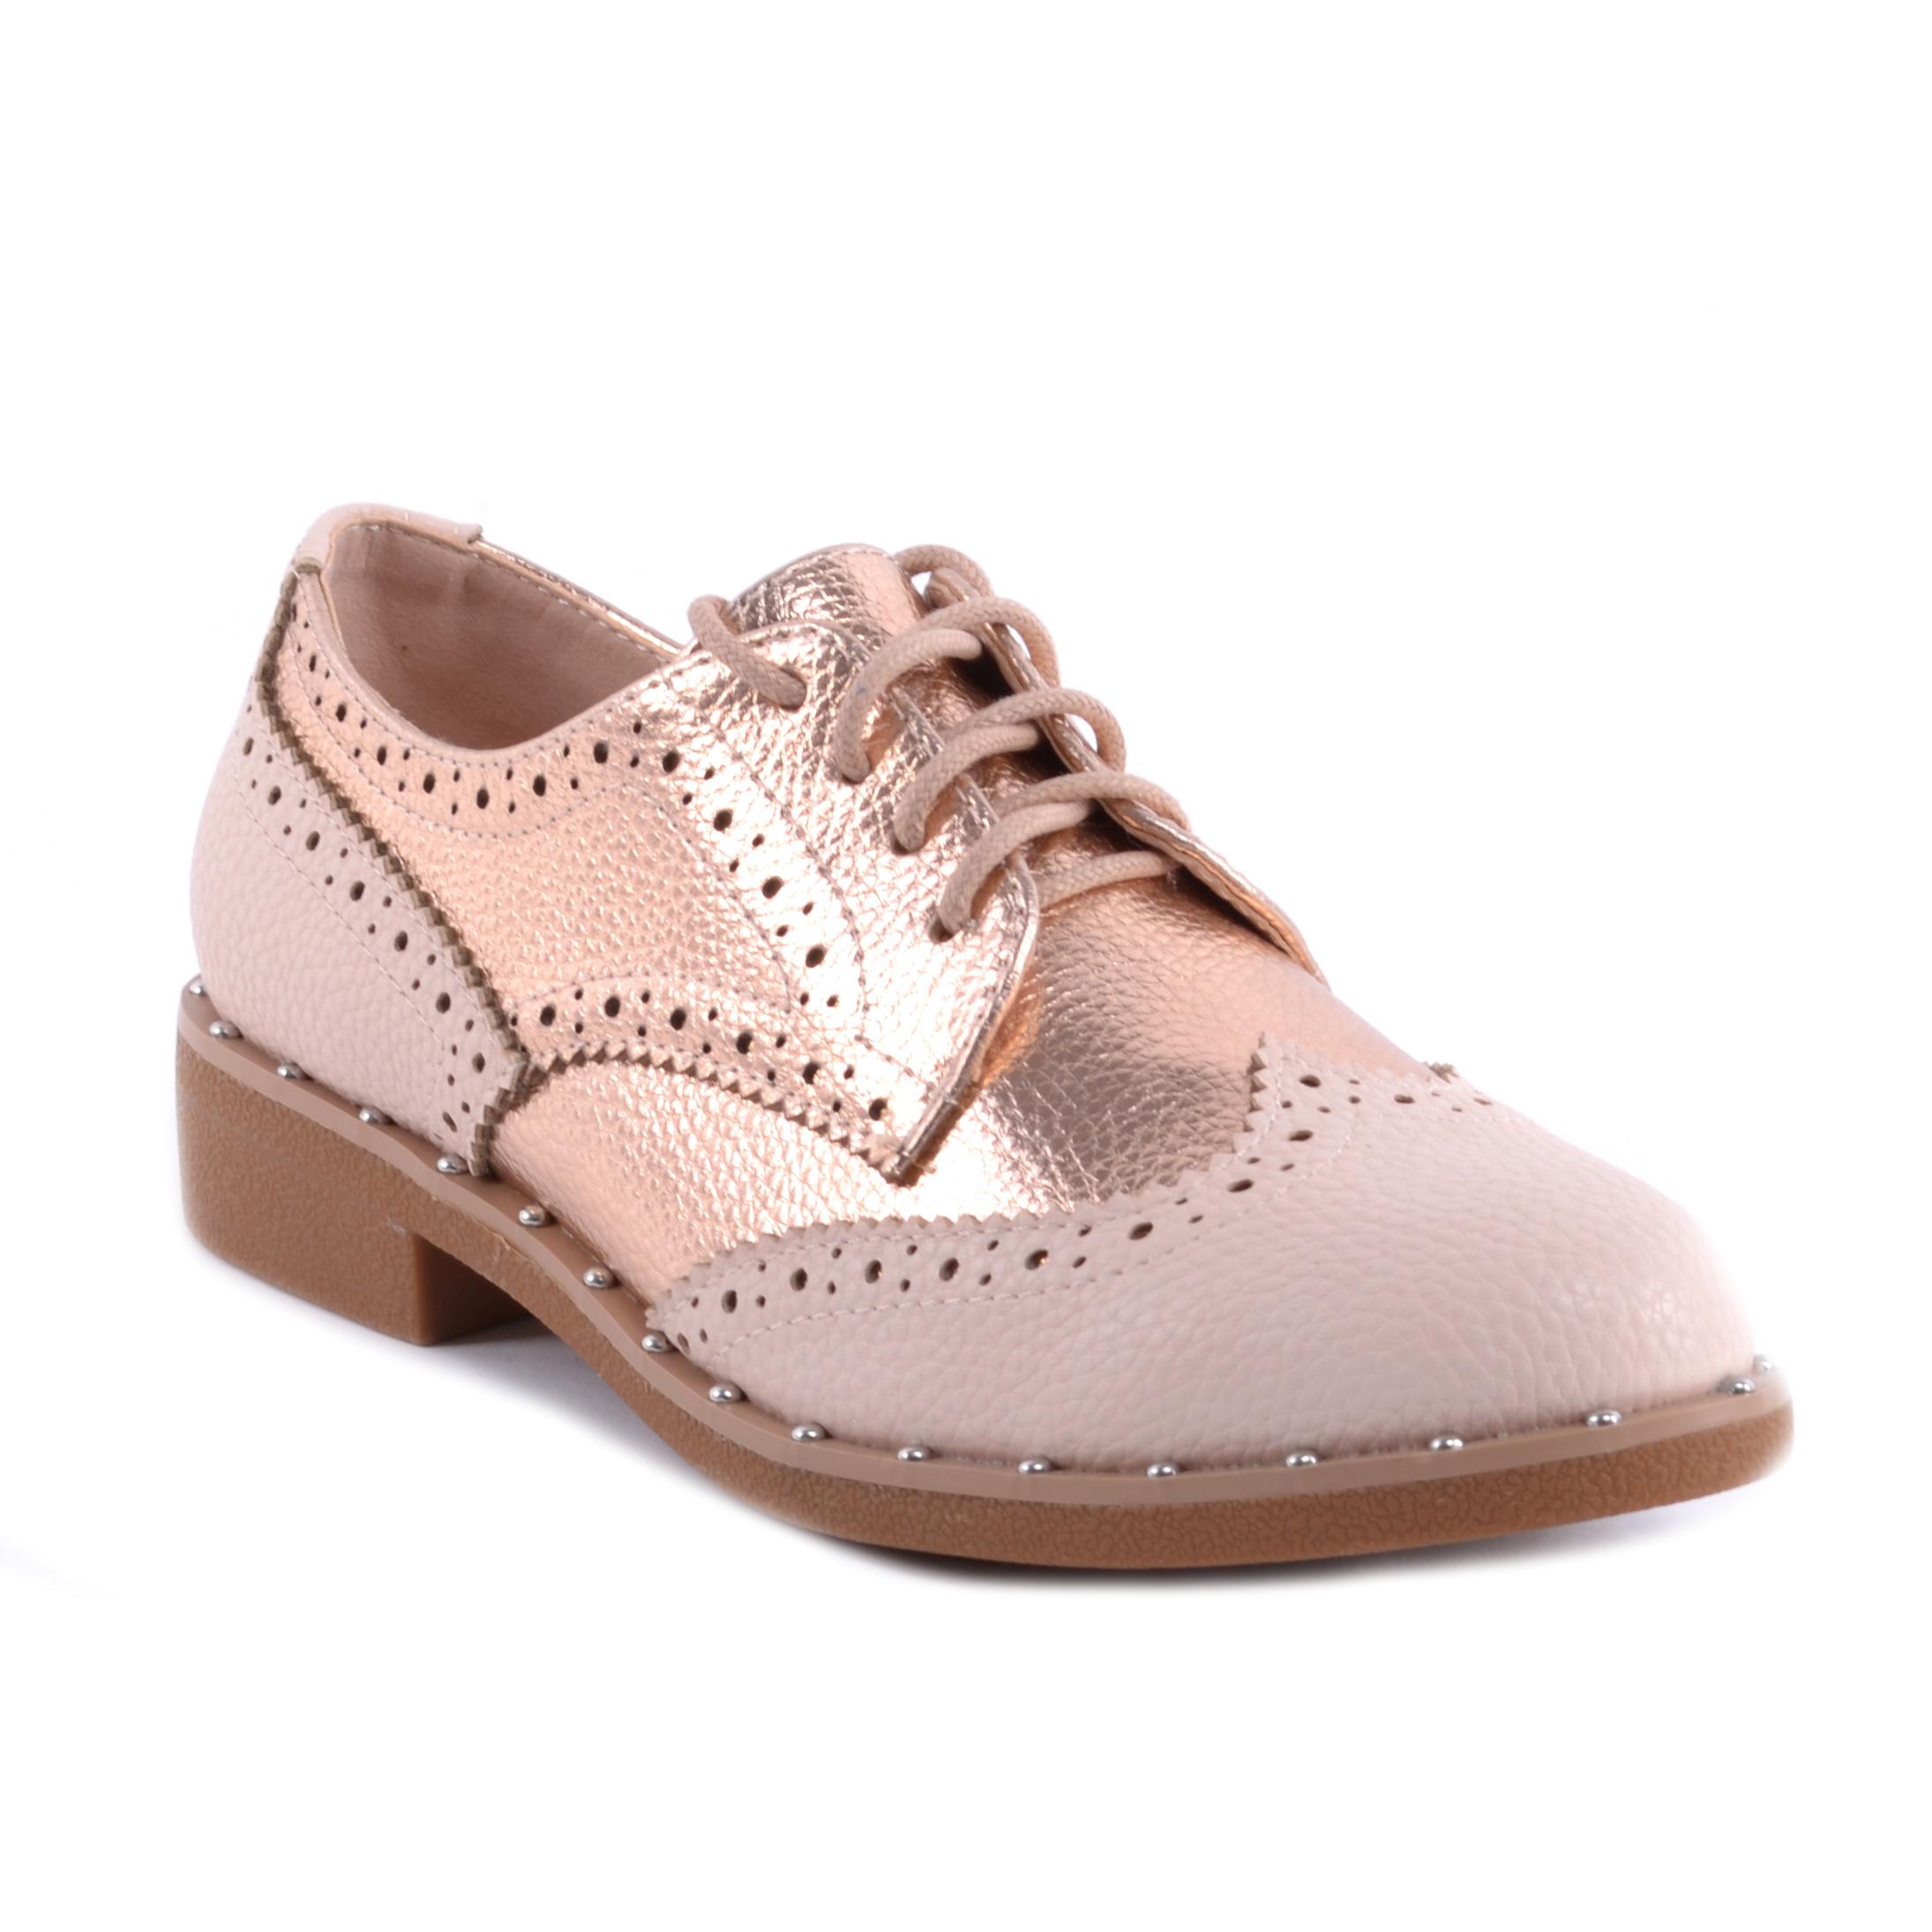 Rózsaarany Női Félcipő - UTCAI CIPŐK - Női cipő webáruház-női csizmák cefcf60b7f